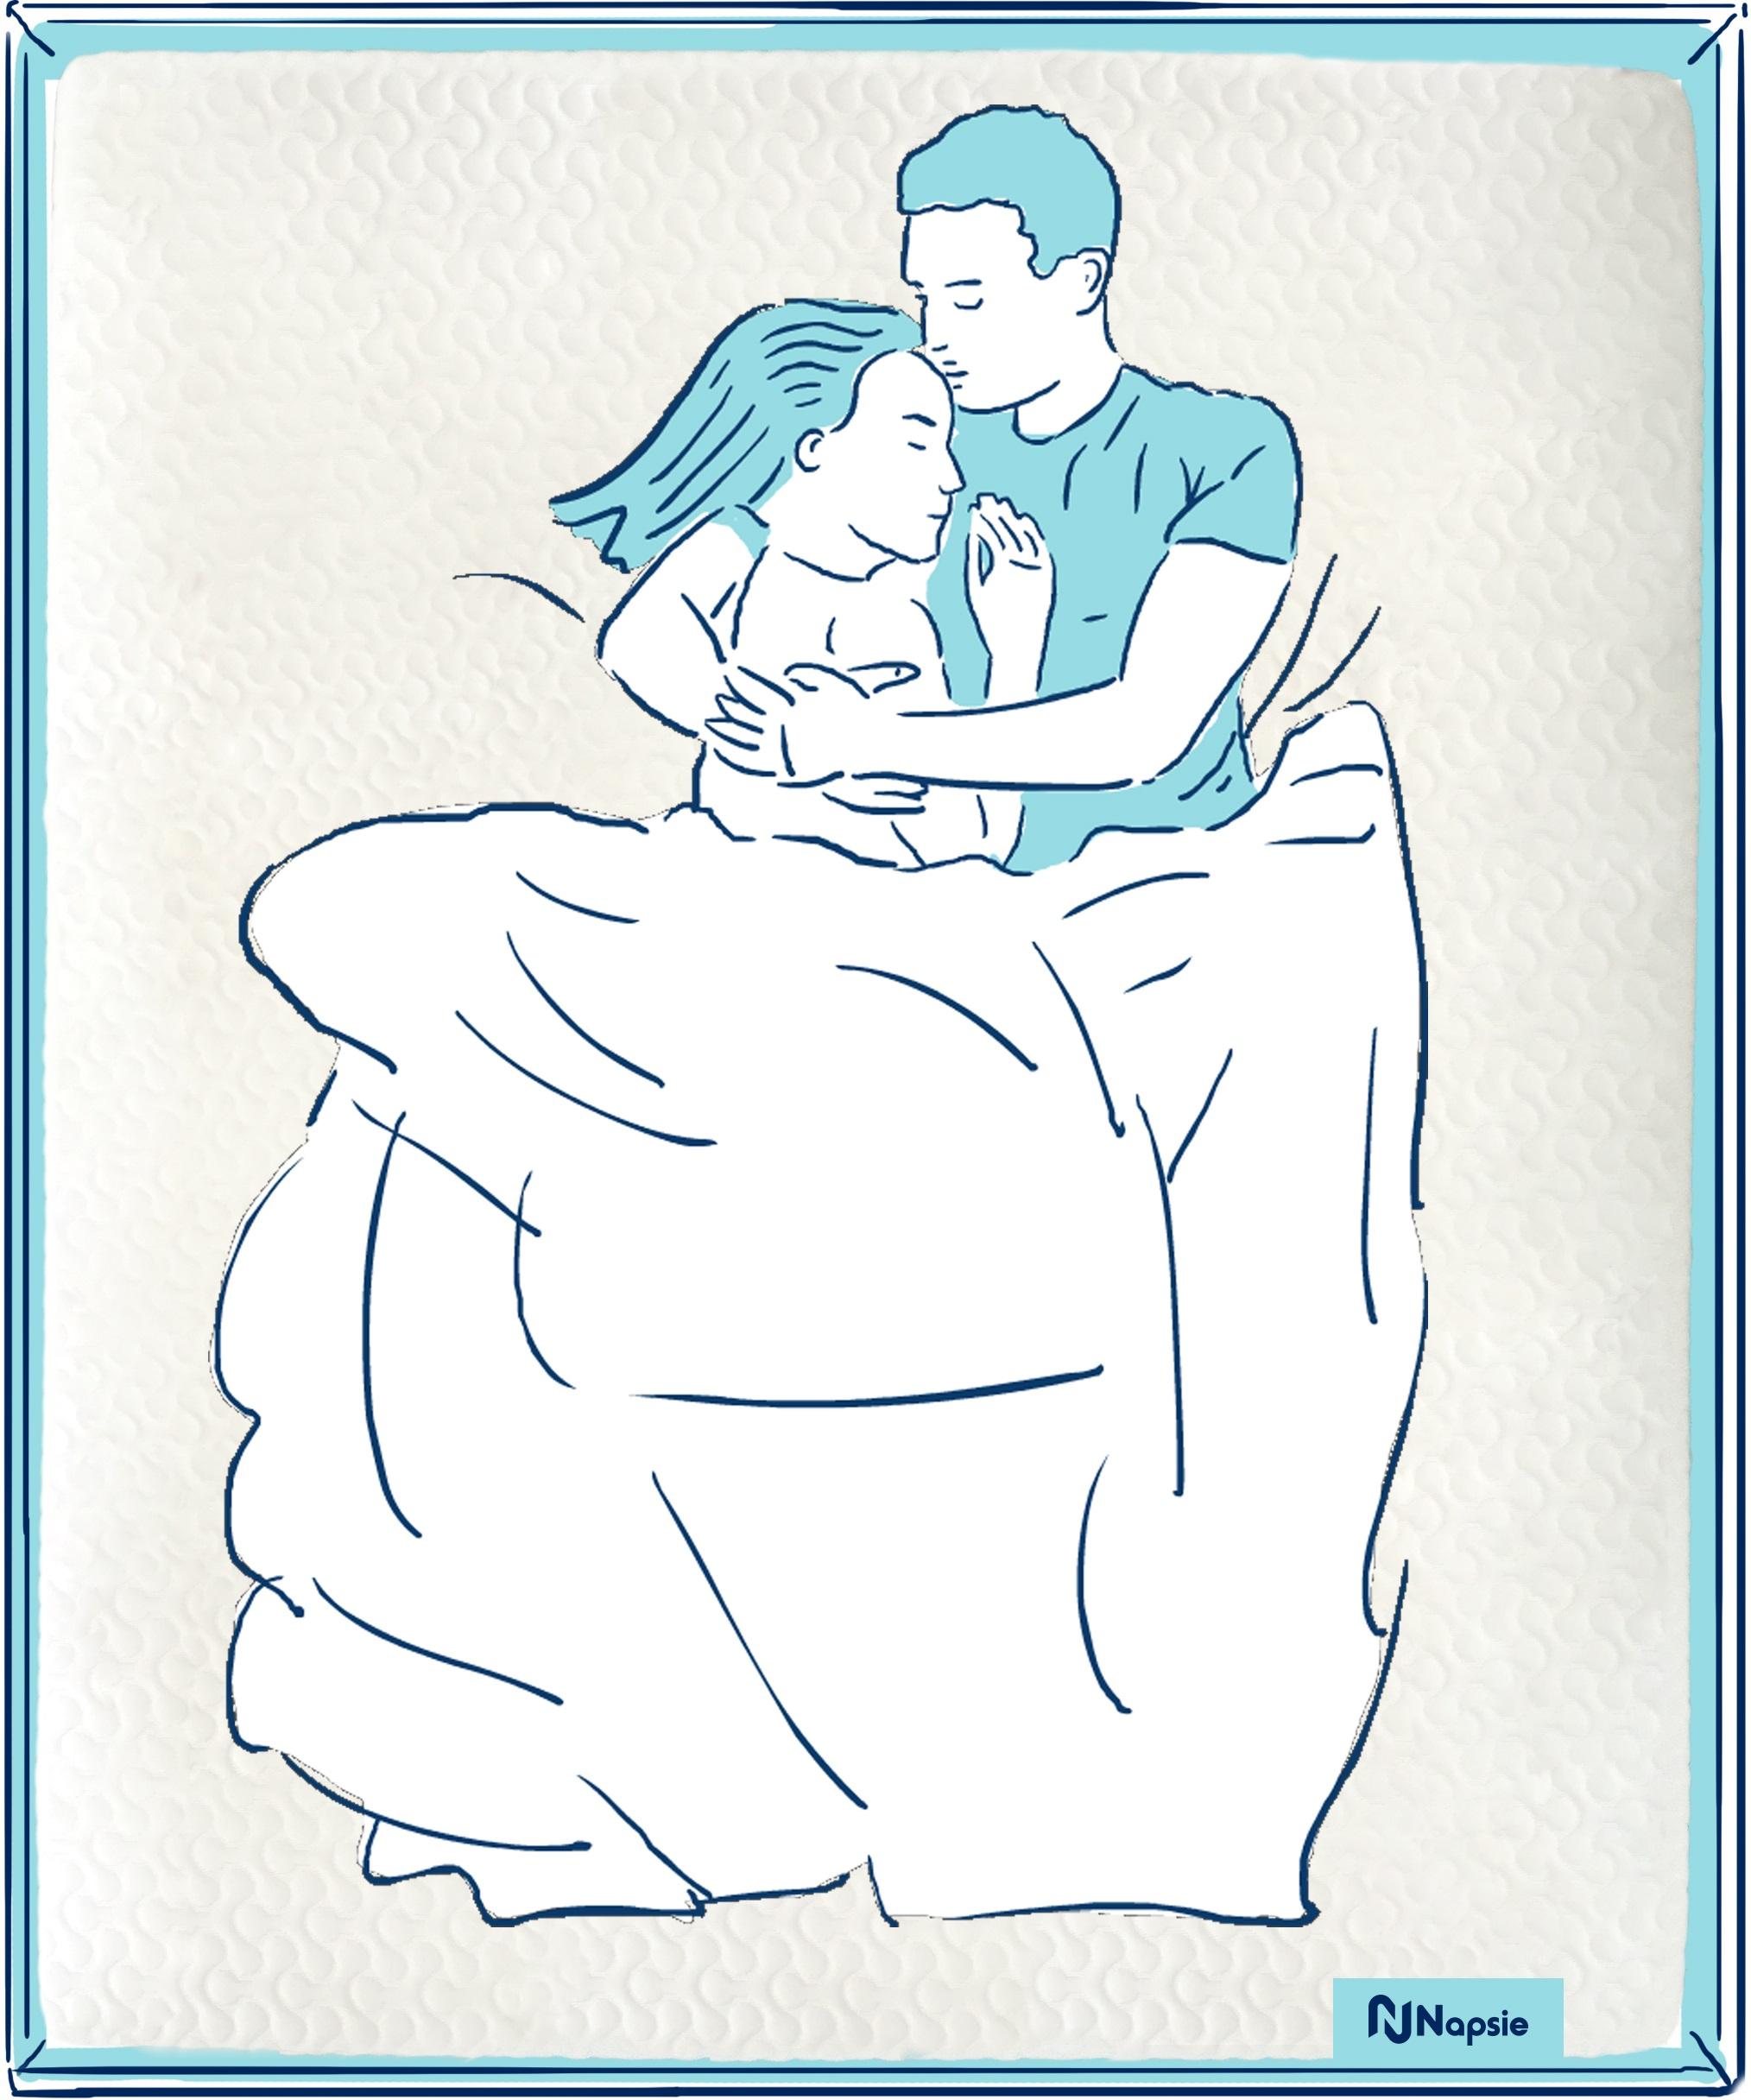 cât de mult pierdeți când dormiți abs îndepărtați grăsimea